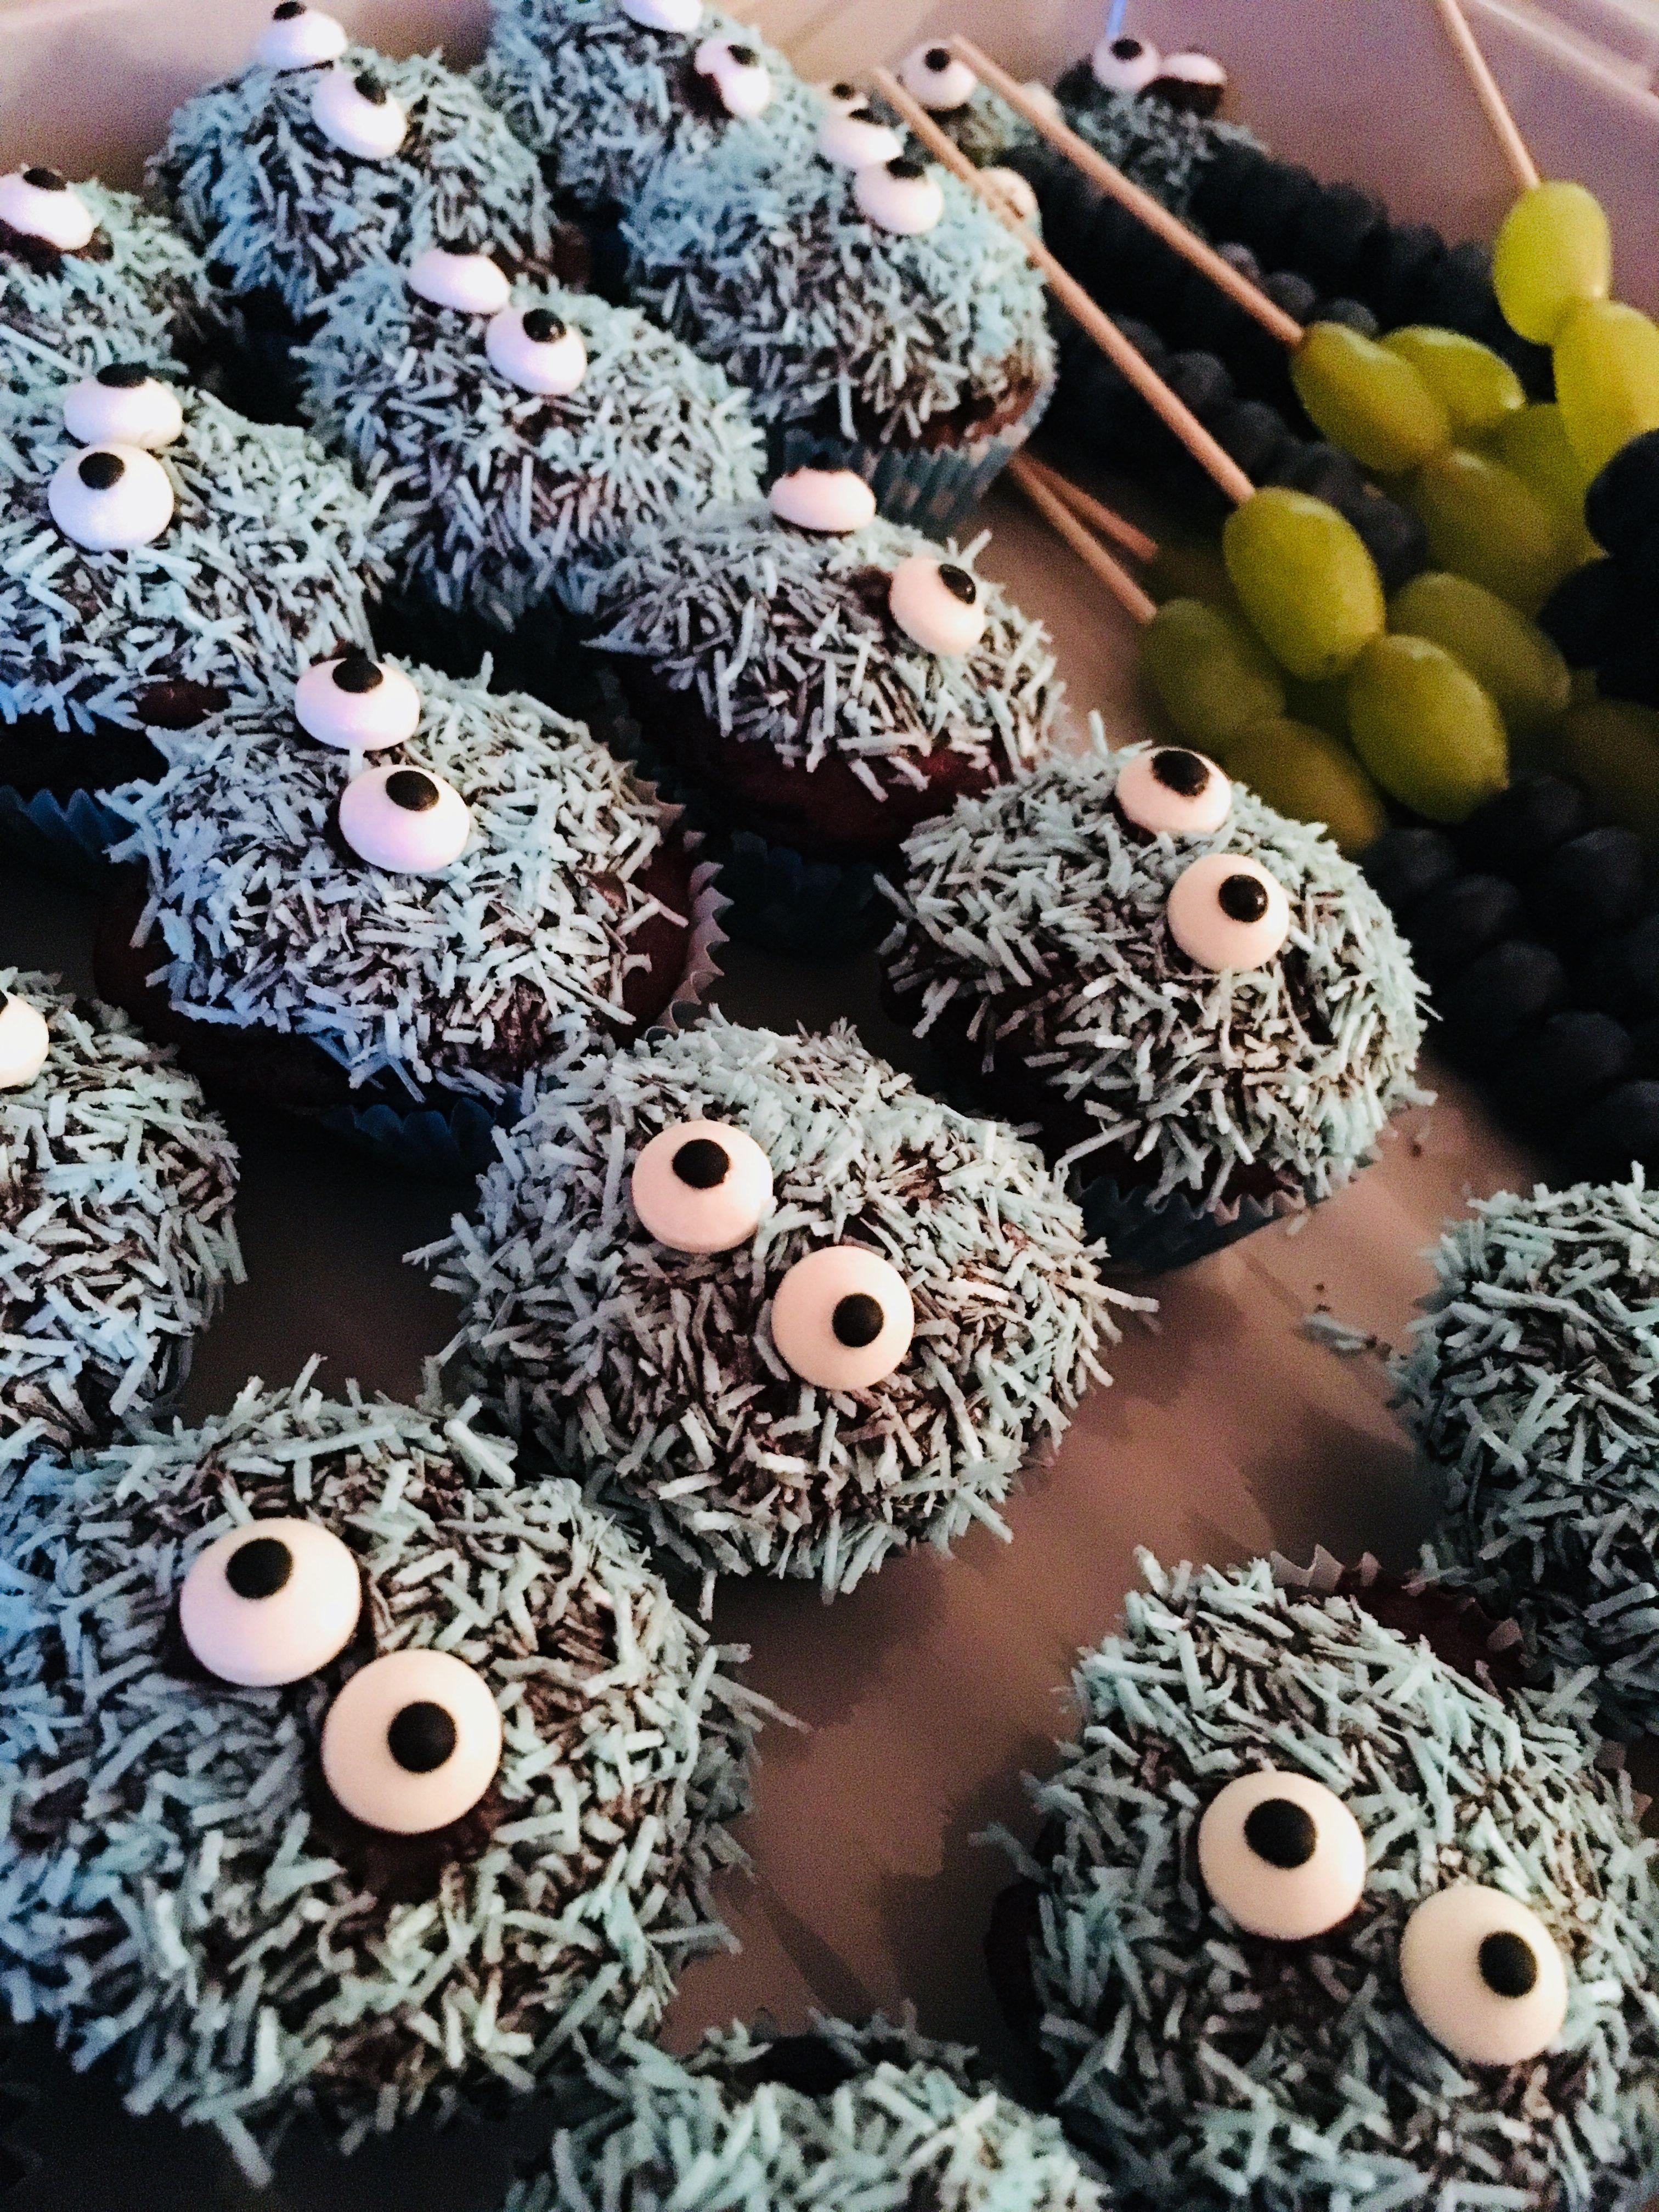 Kleine Monster Muffins Aus Einer Backmischung Von Dr Oetker Mit Banane Schokoglasur Und Blauen Espapierschnipseln Monster Muffins Schokoglasur Und Backmischung